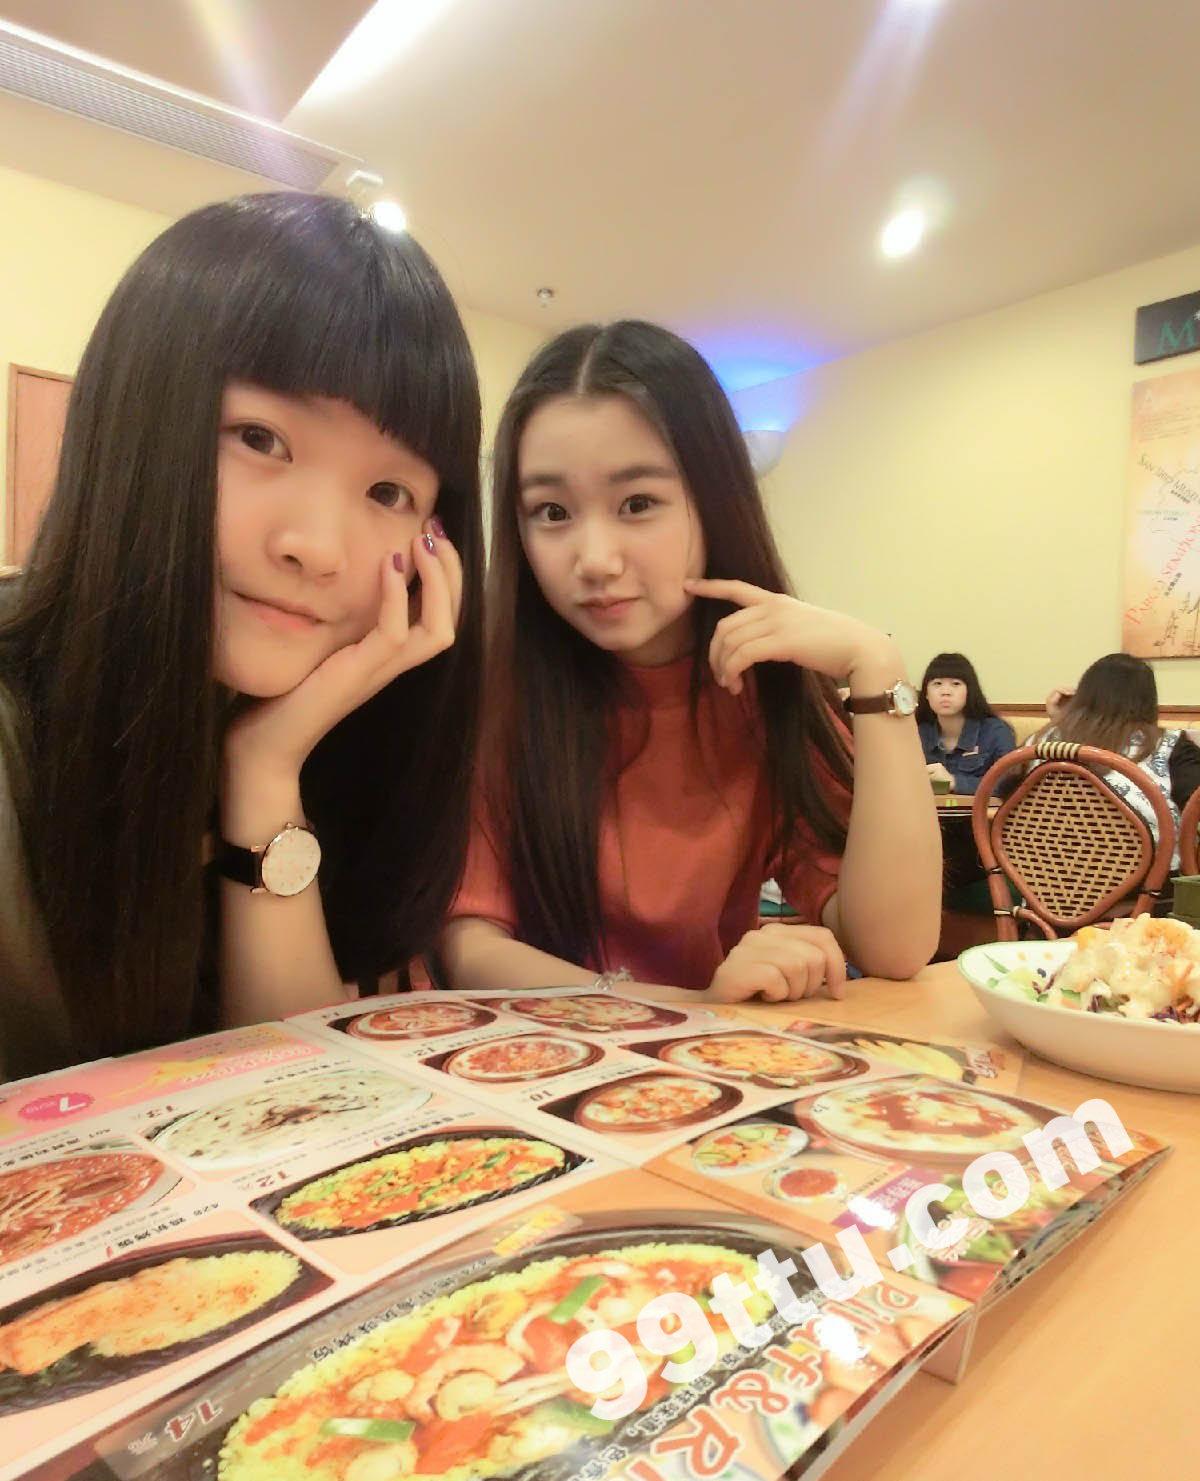 KK75_106张 超真实美女朋友圈生活照素材-5